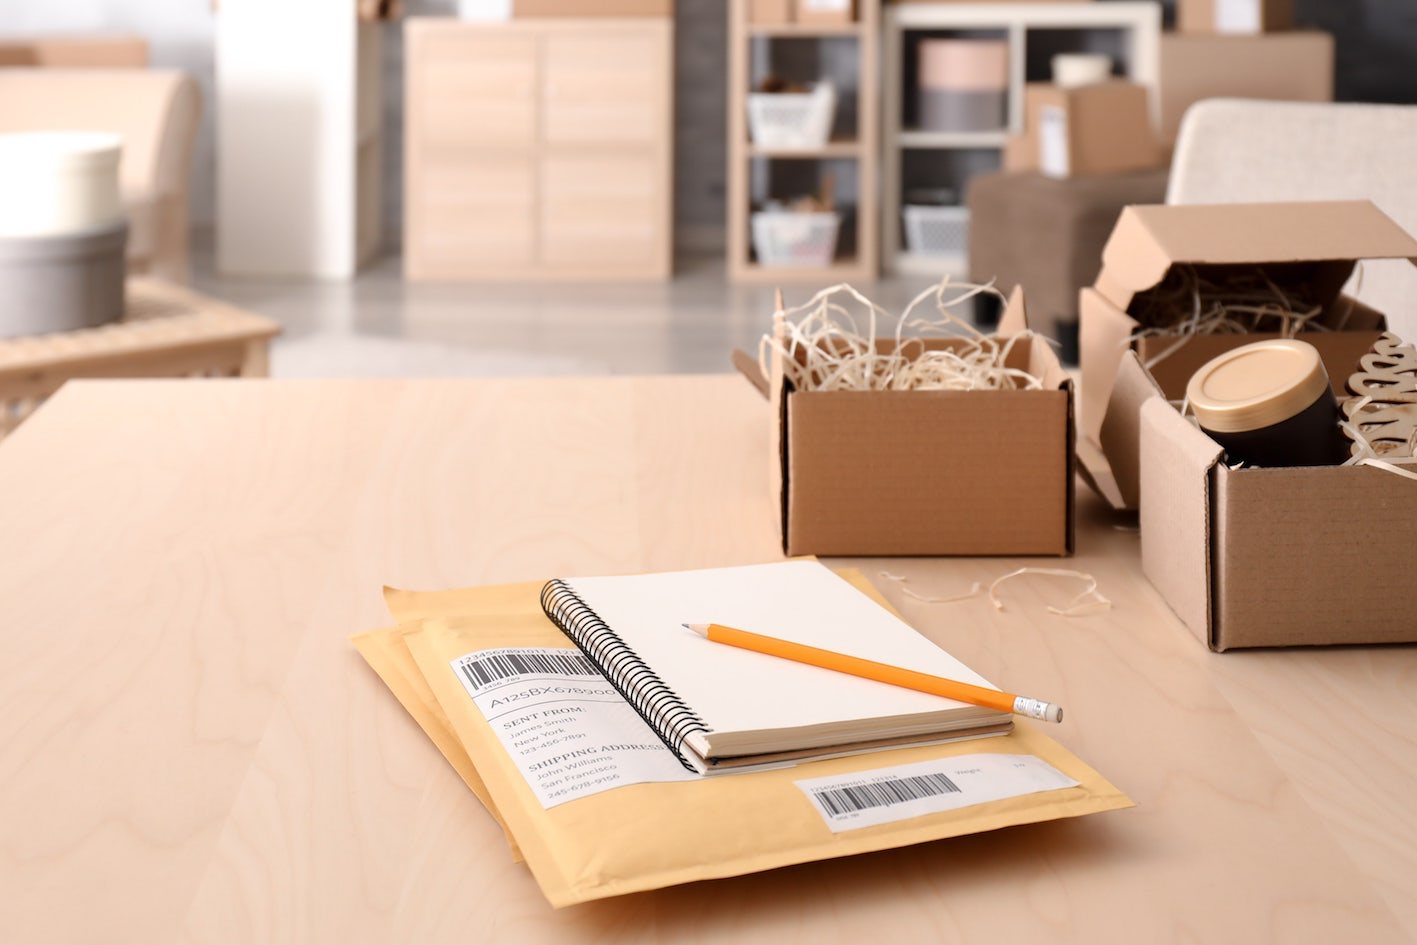 Verpackung, Kisten und Pakete auf Schreibtisch in farbe